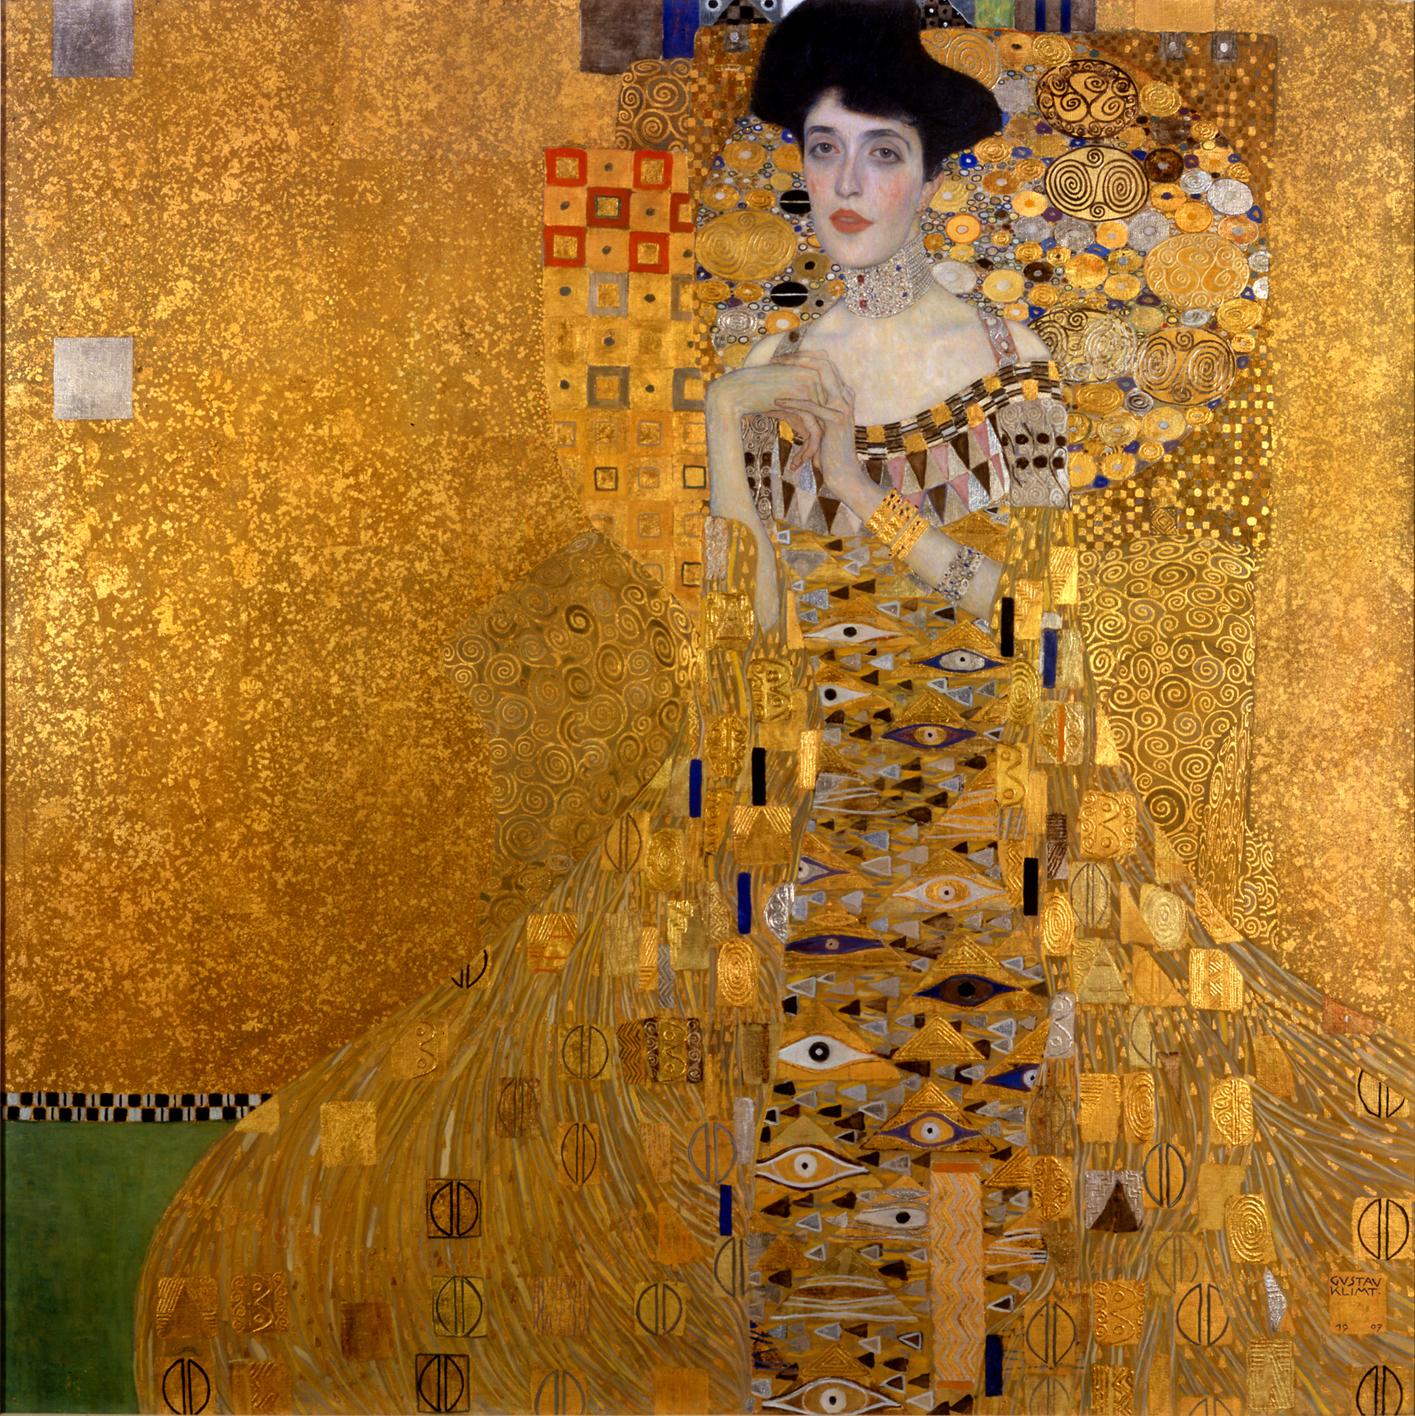 Klimt Retrato de Adele Bloch-Bauer I